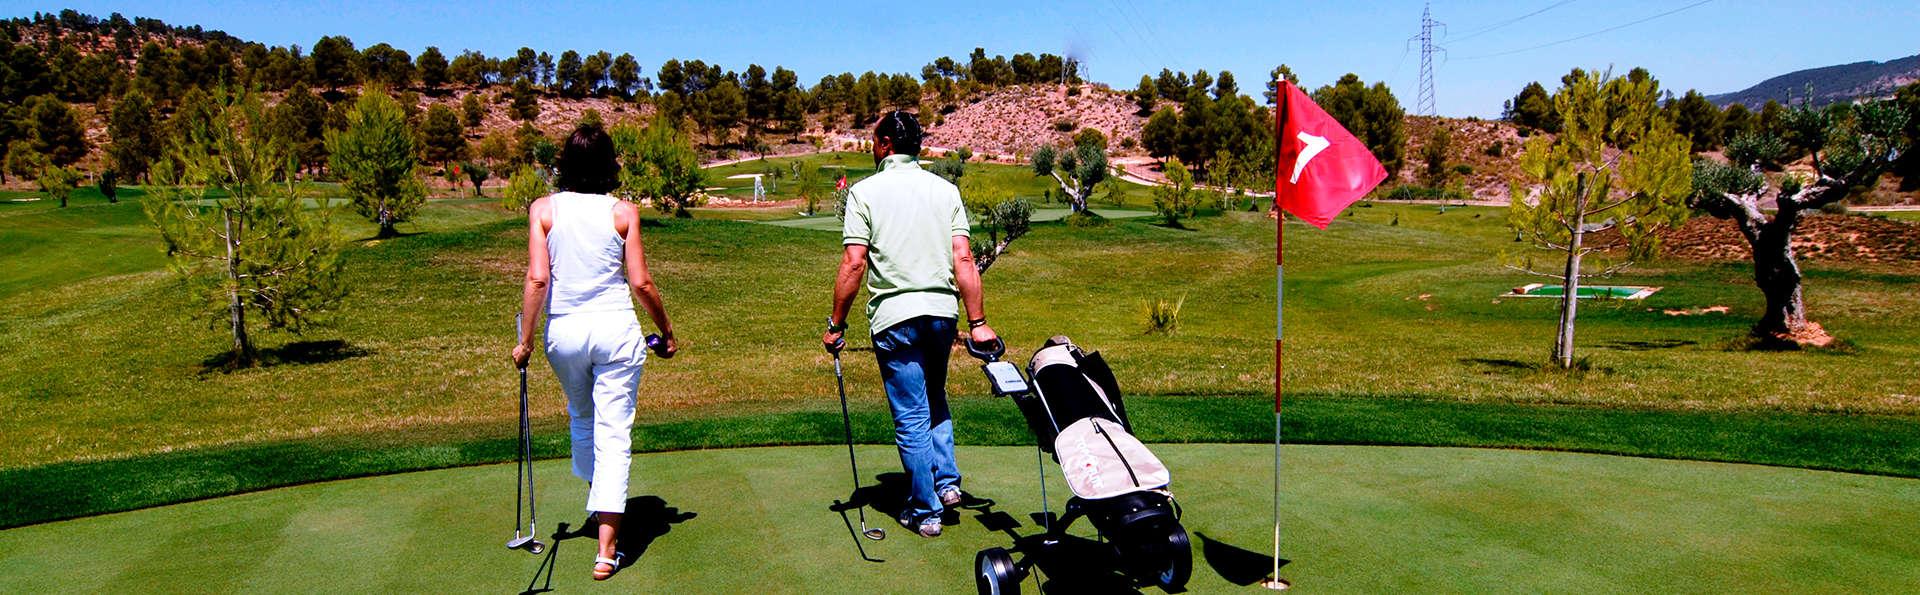 Hotel Balneario de Cofrentes  - Edit_golf2.jpg